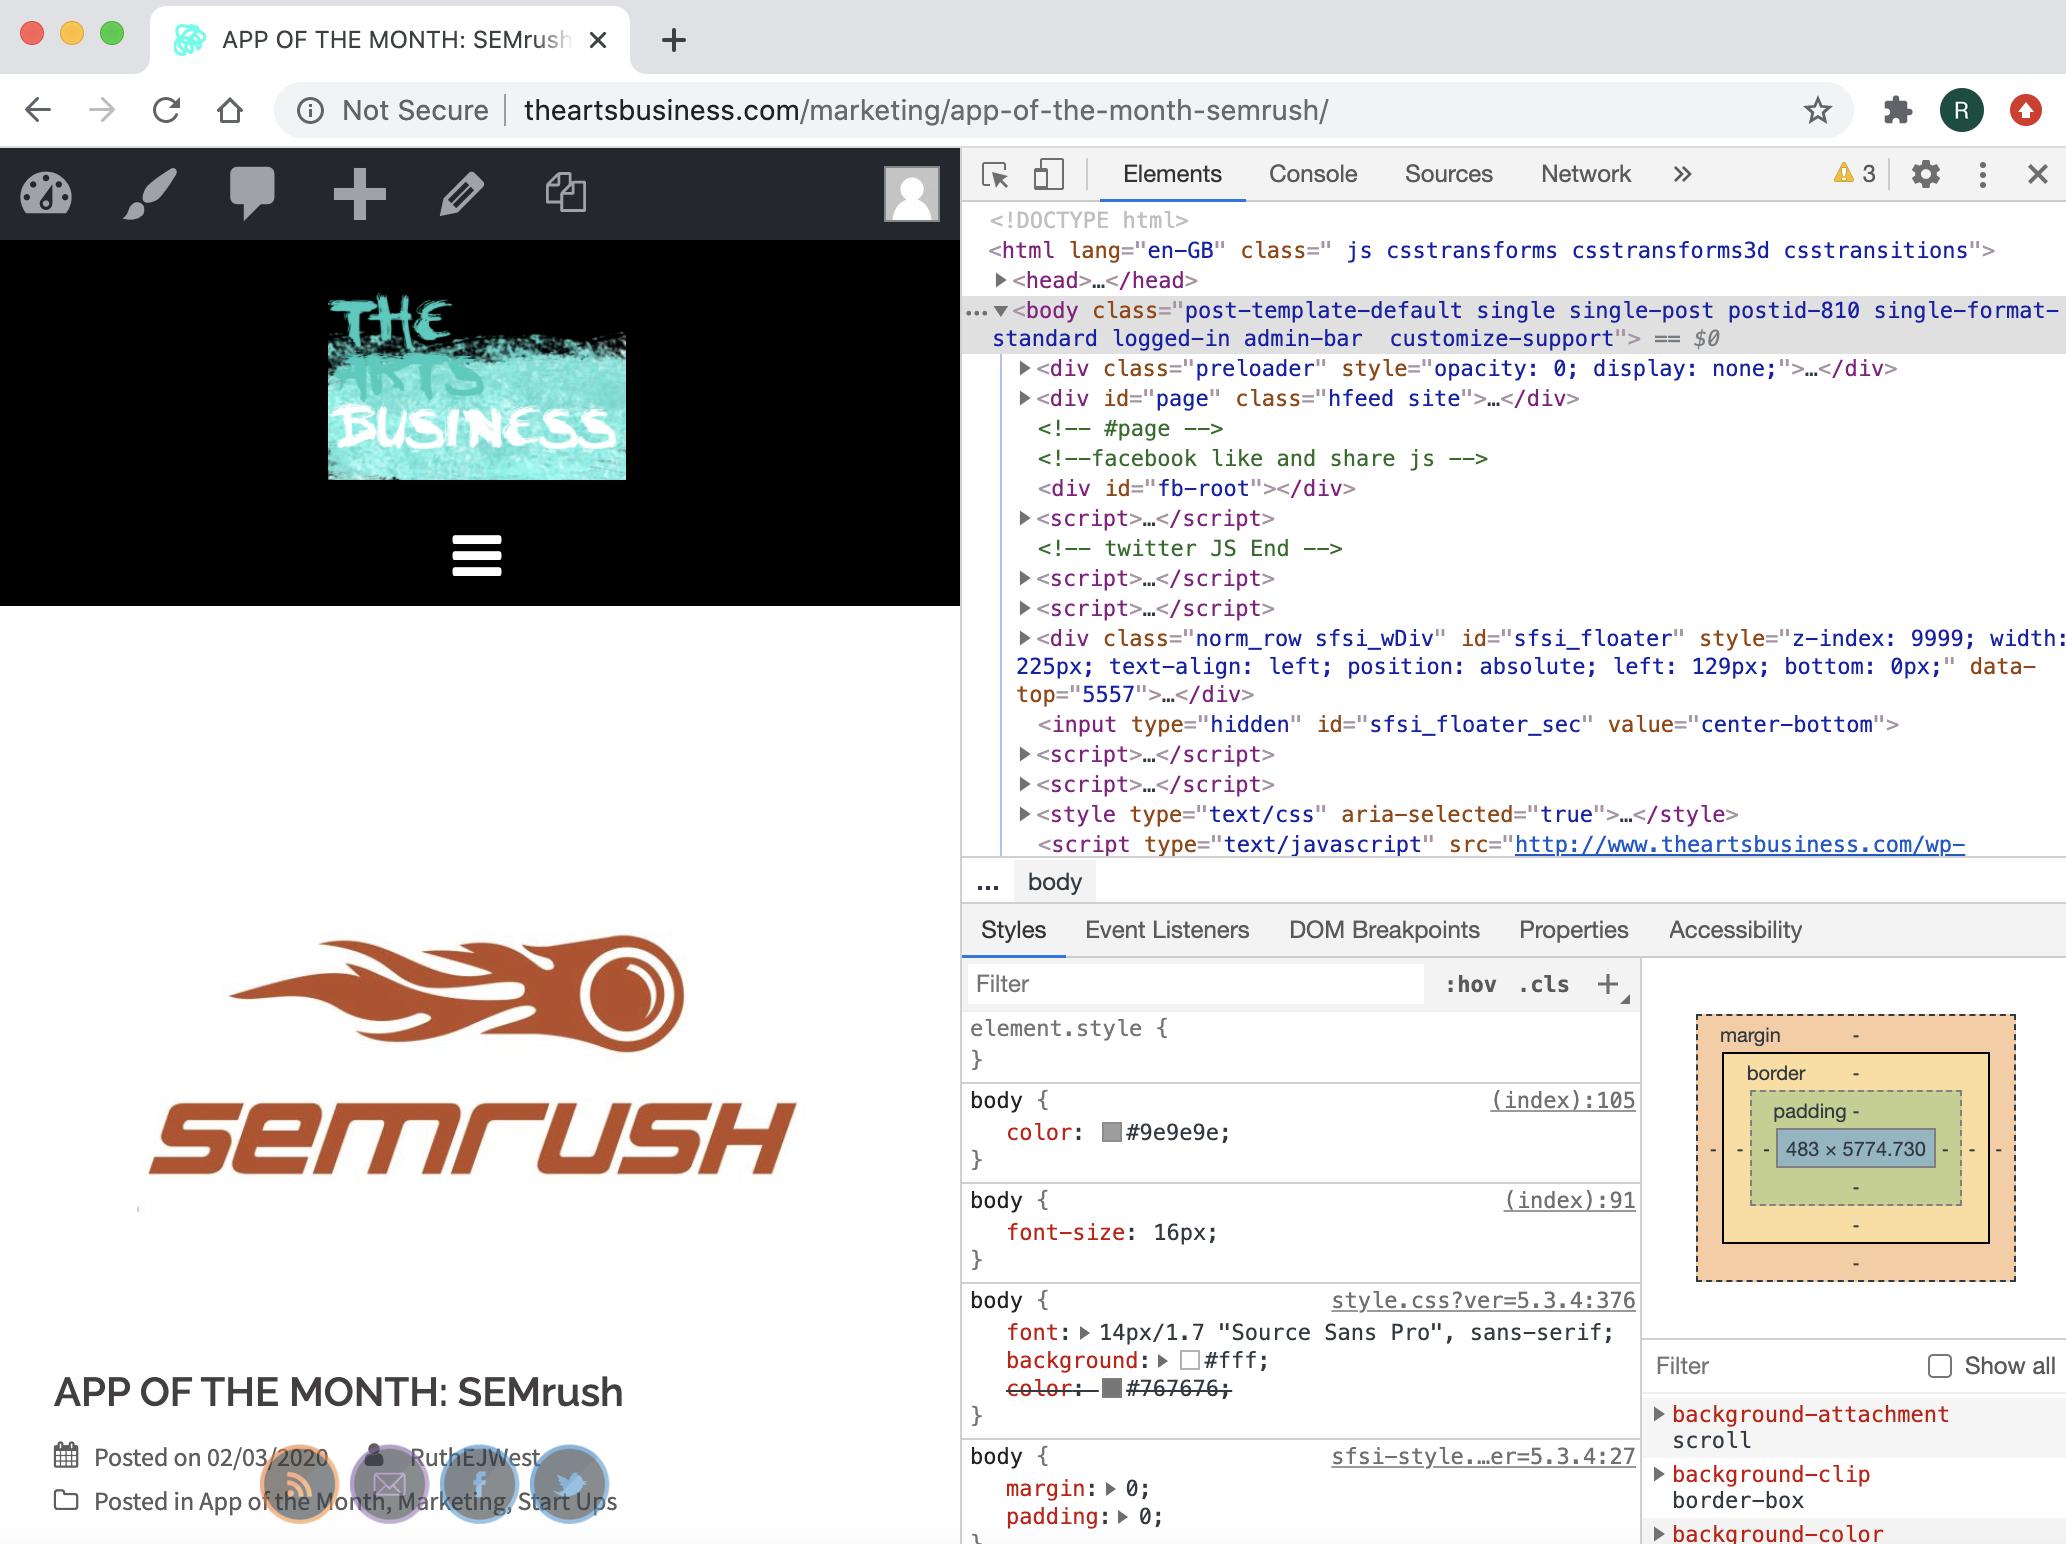 SEMrush post code